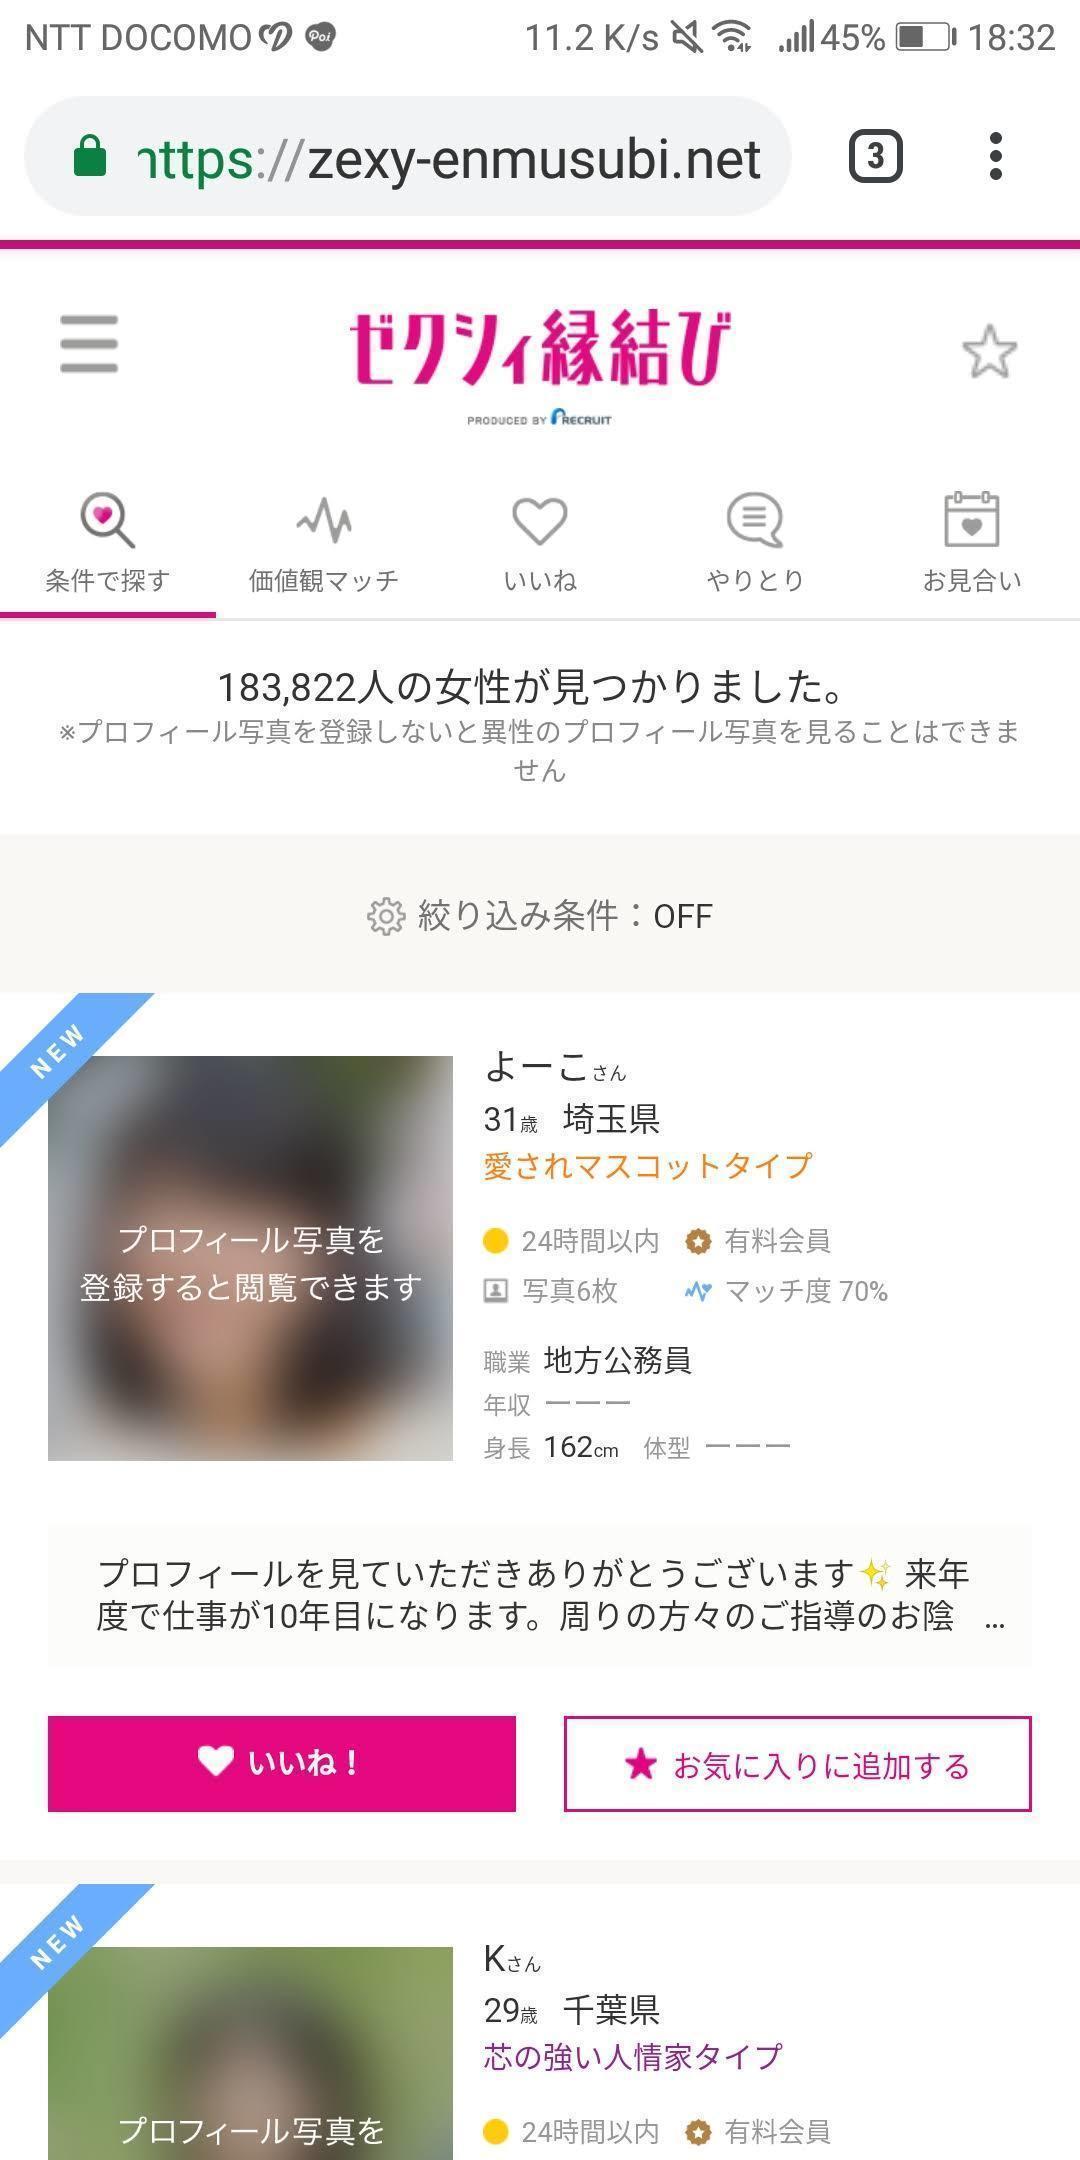 マッチングアプリ 第2位 ゼクシィ縁結び